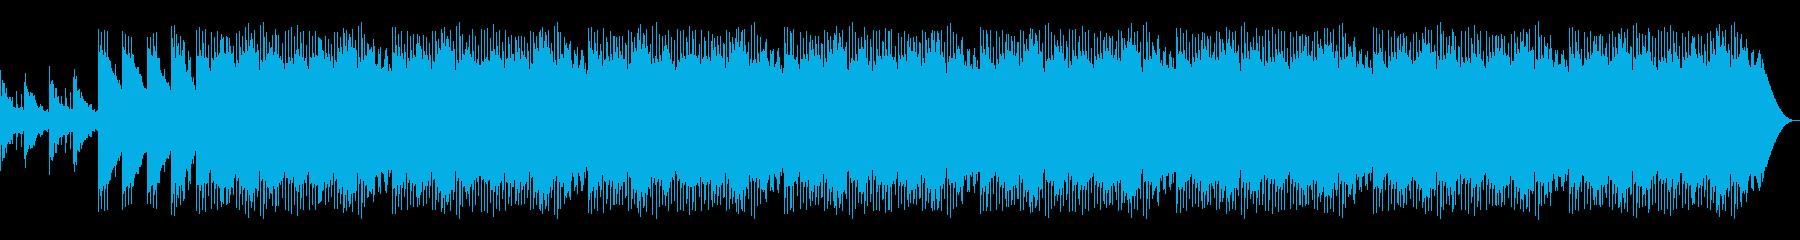 オシャレなLoFiの再生済みの波形